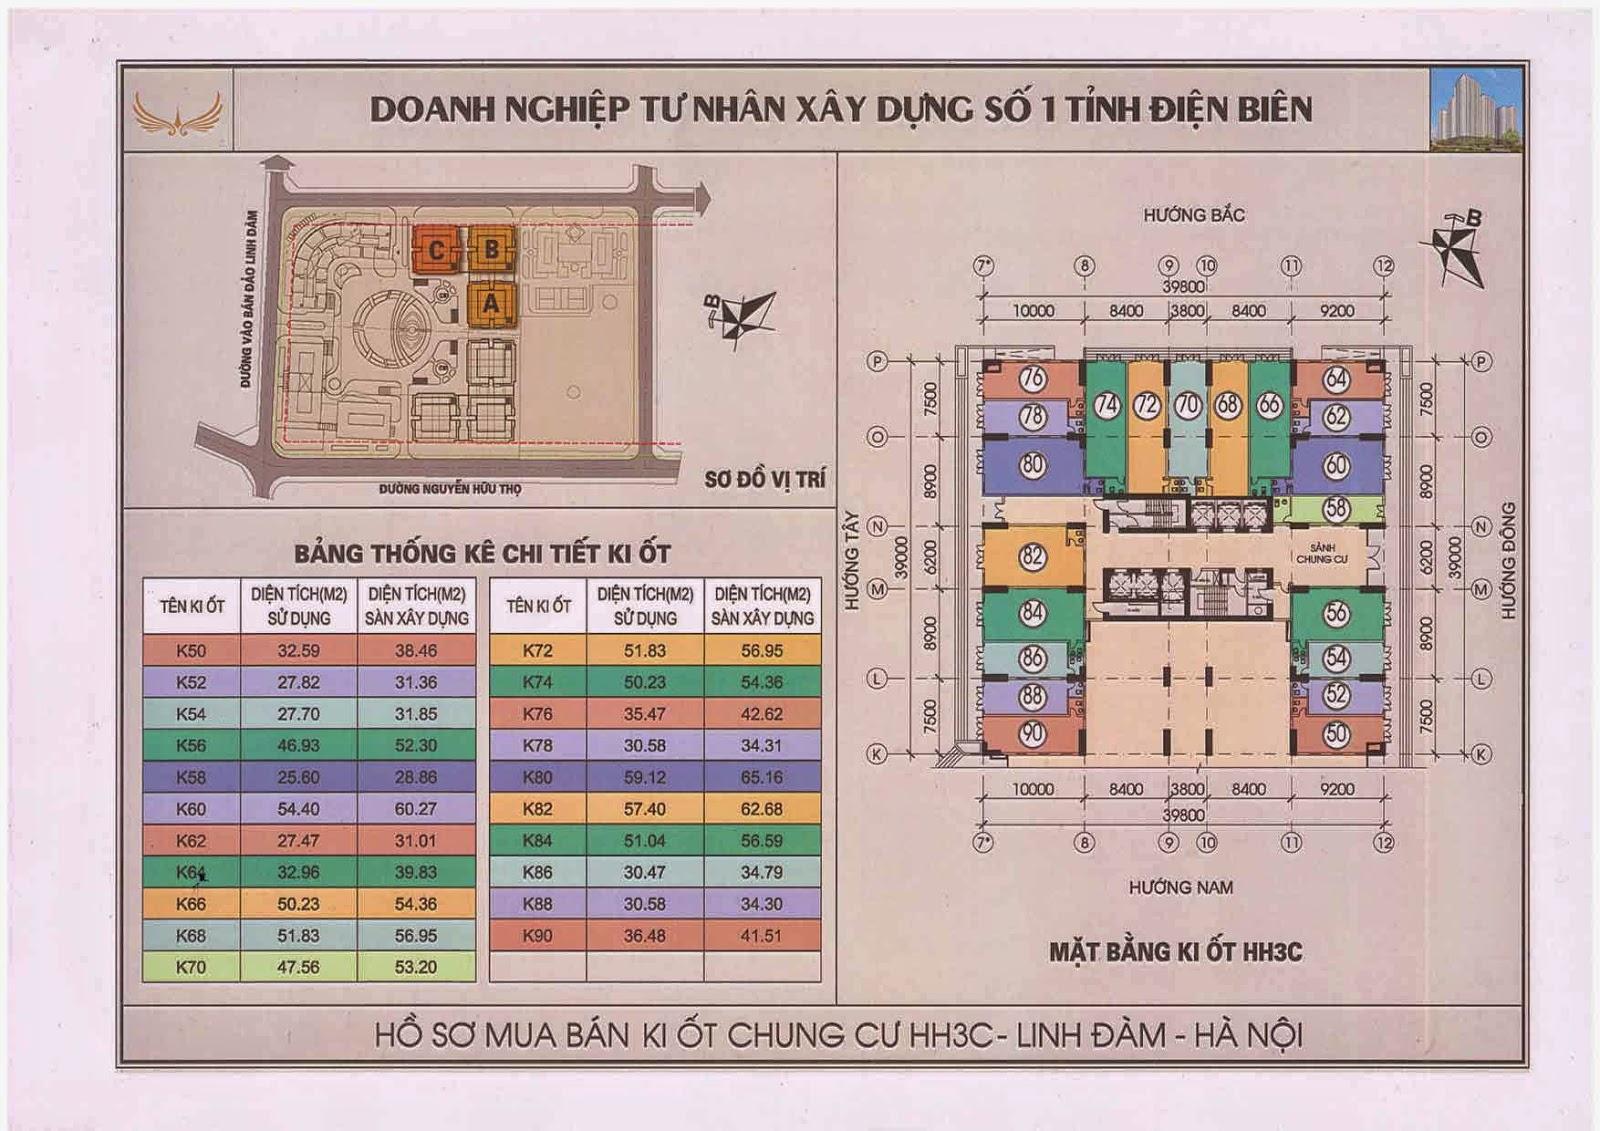 Kiot chung cư HH3C Linh Đàm - 0917078221